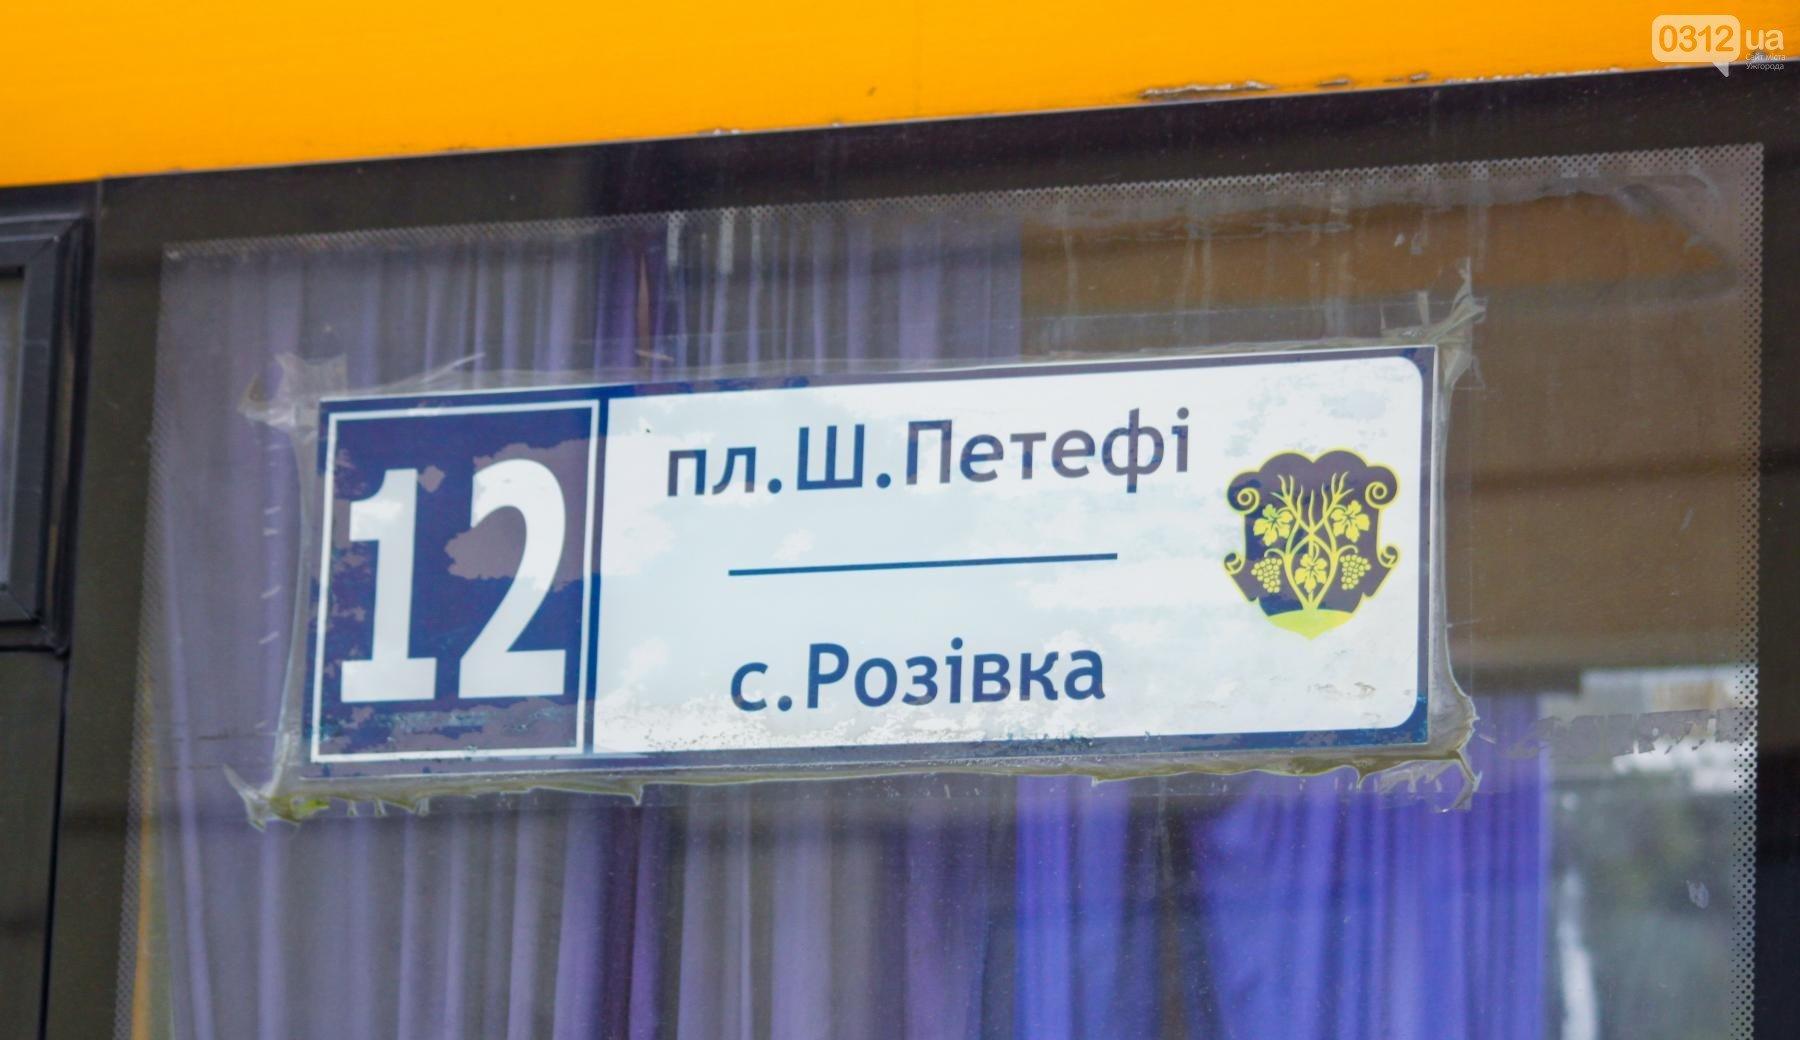 Чому не впускають школярів без учнівського квитка, розповіли водії ужгородських